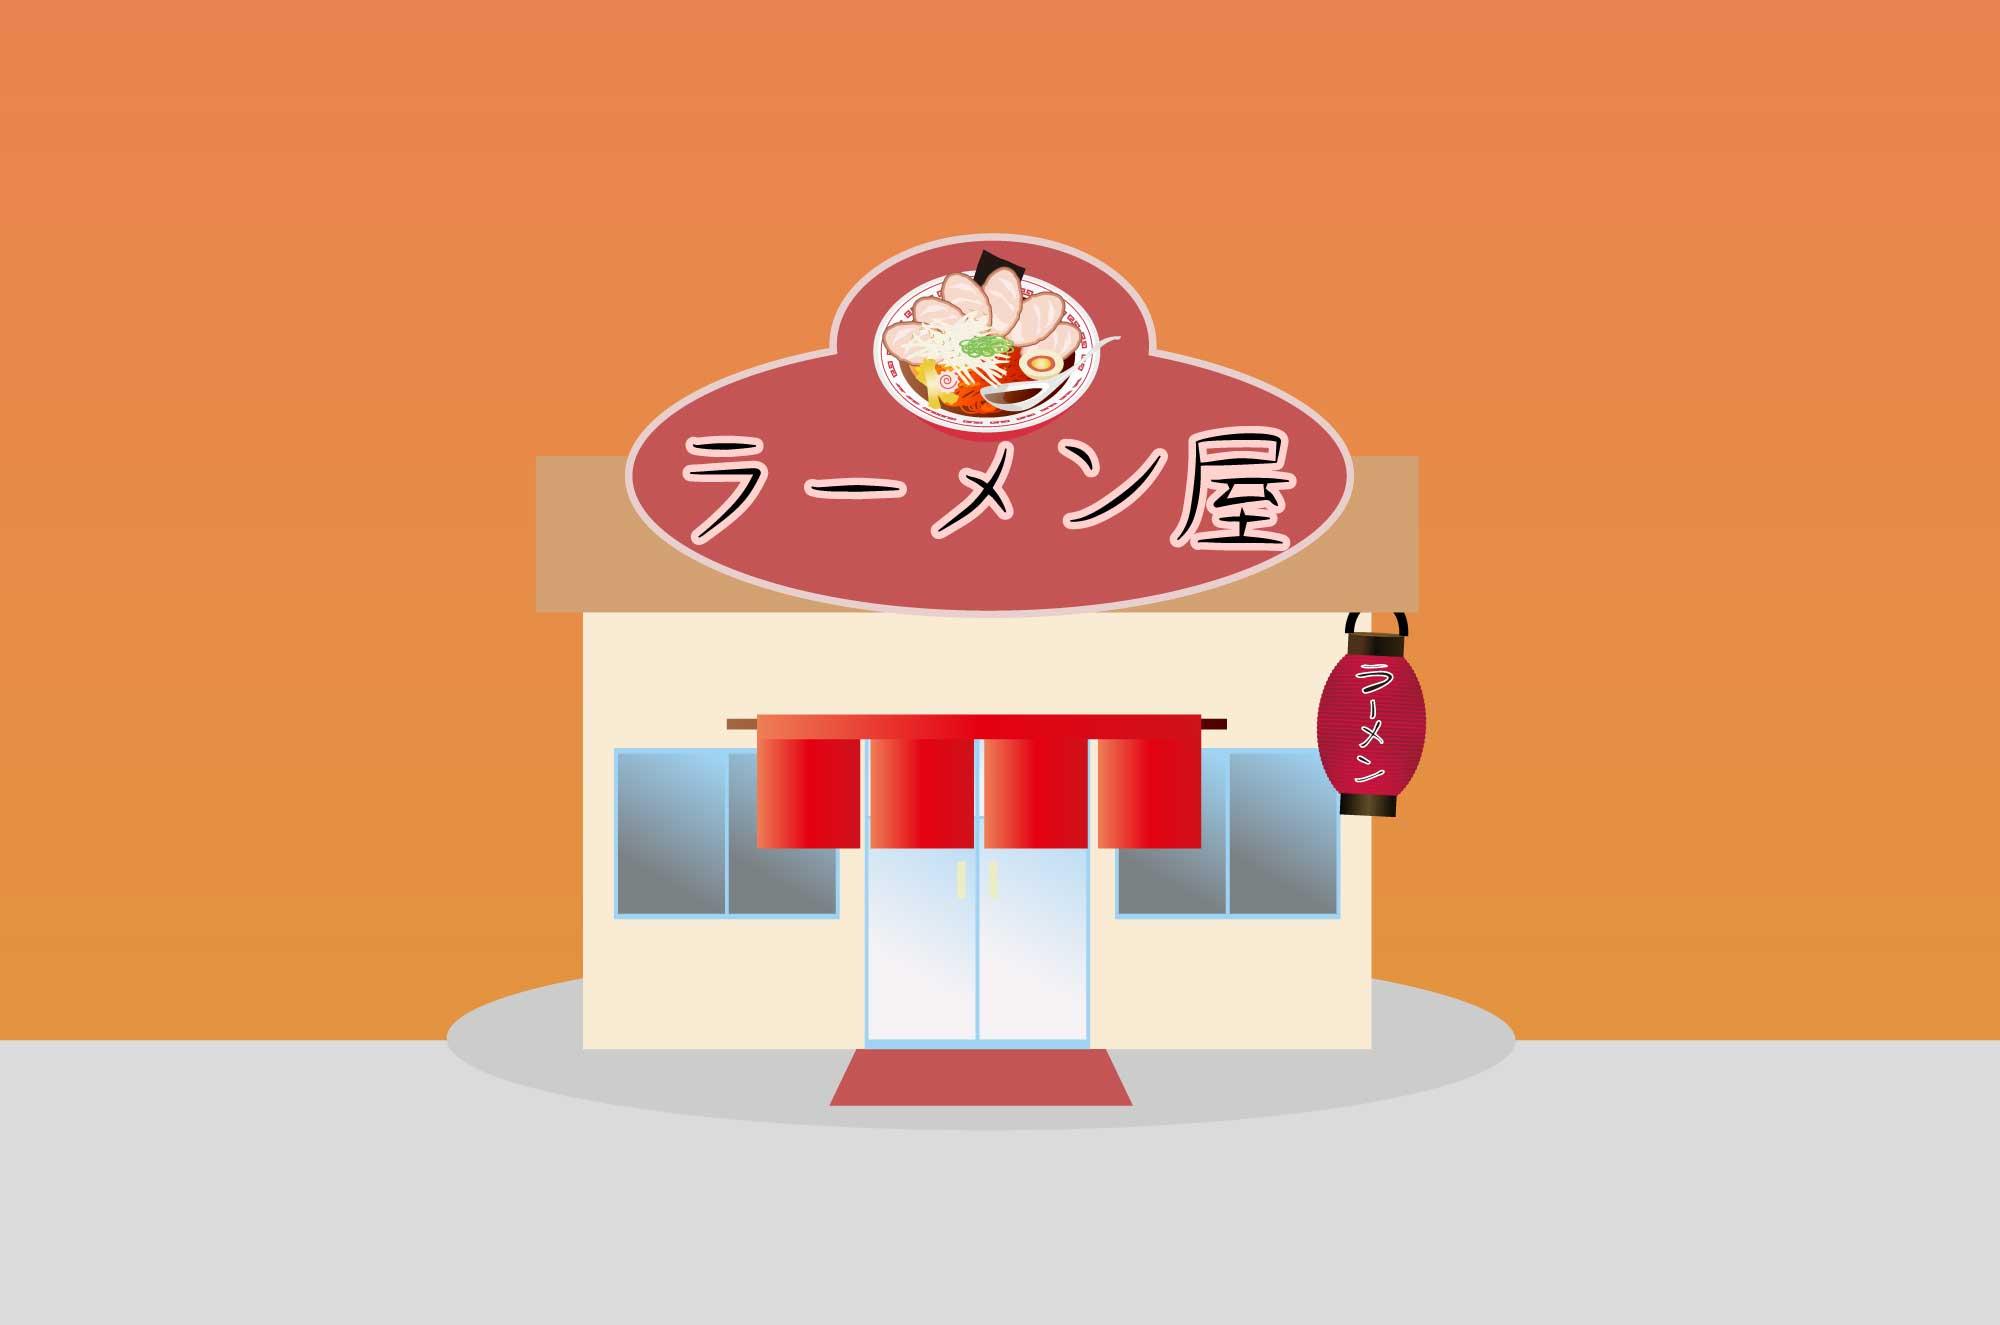 ラーメン屋の無料イラスト 屋台お店の素材 チコデザ